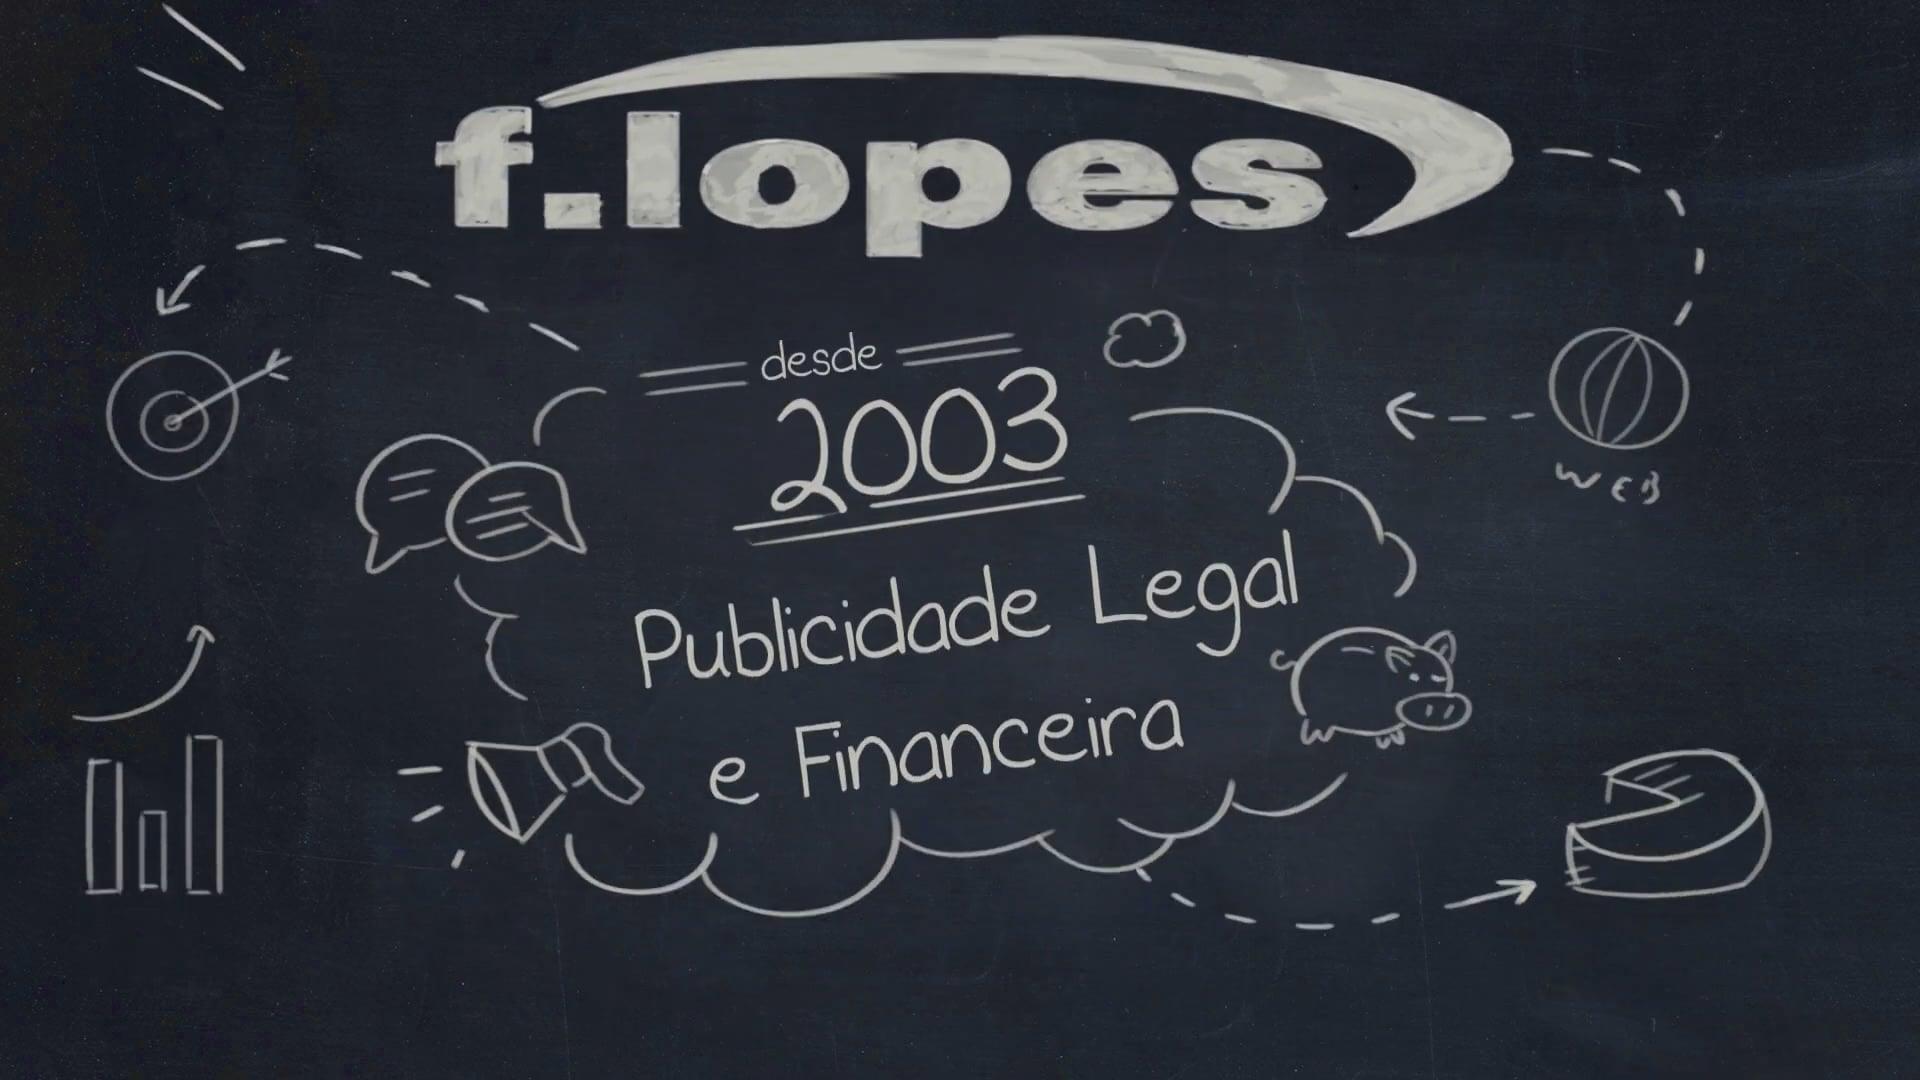 F.lopes